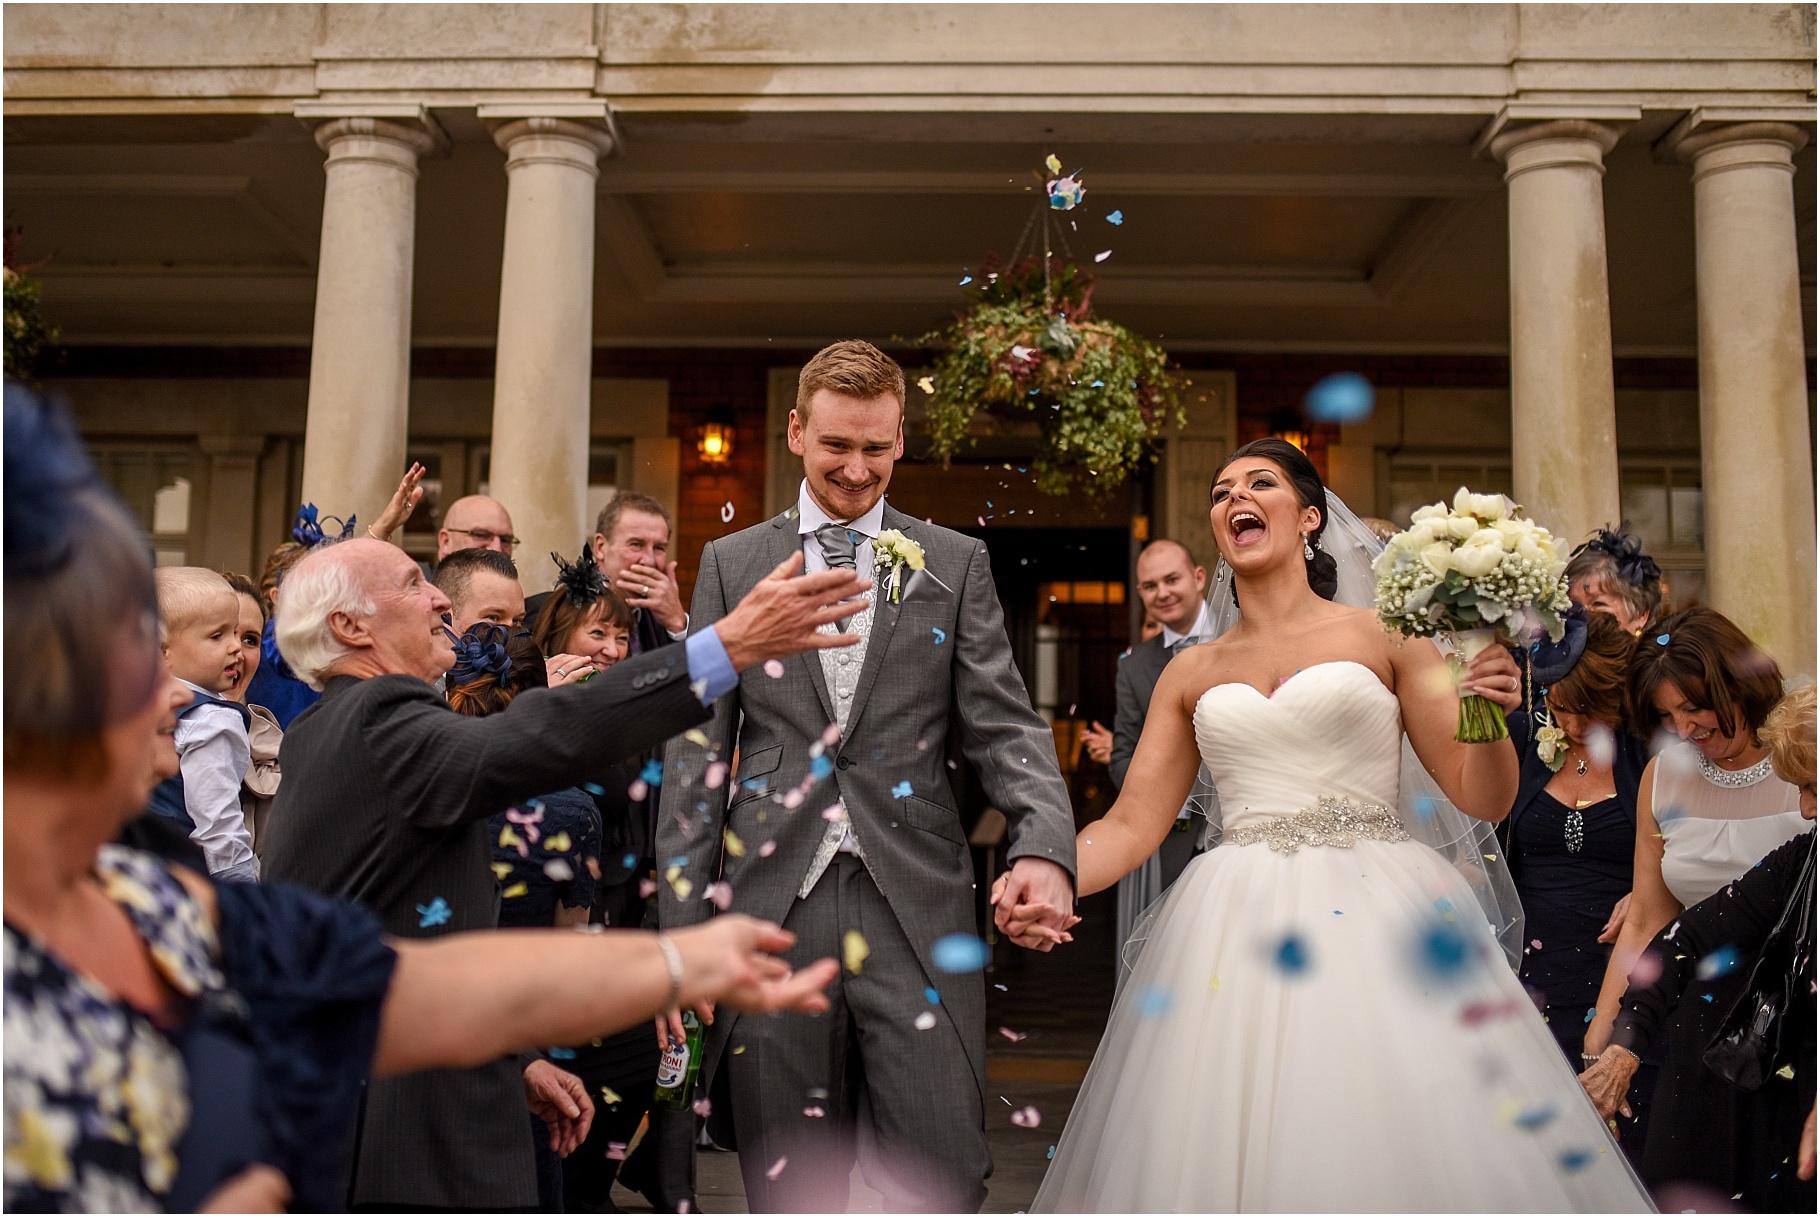 eaves-hall-wedding-51.jpg